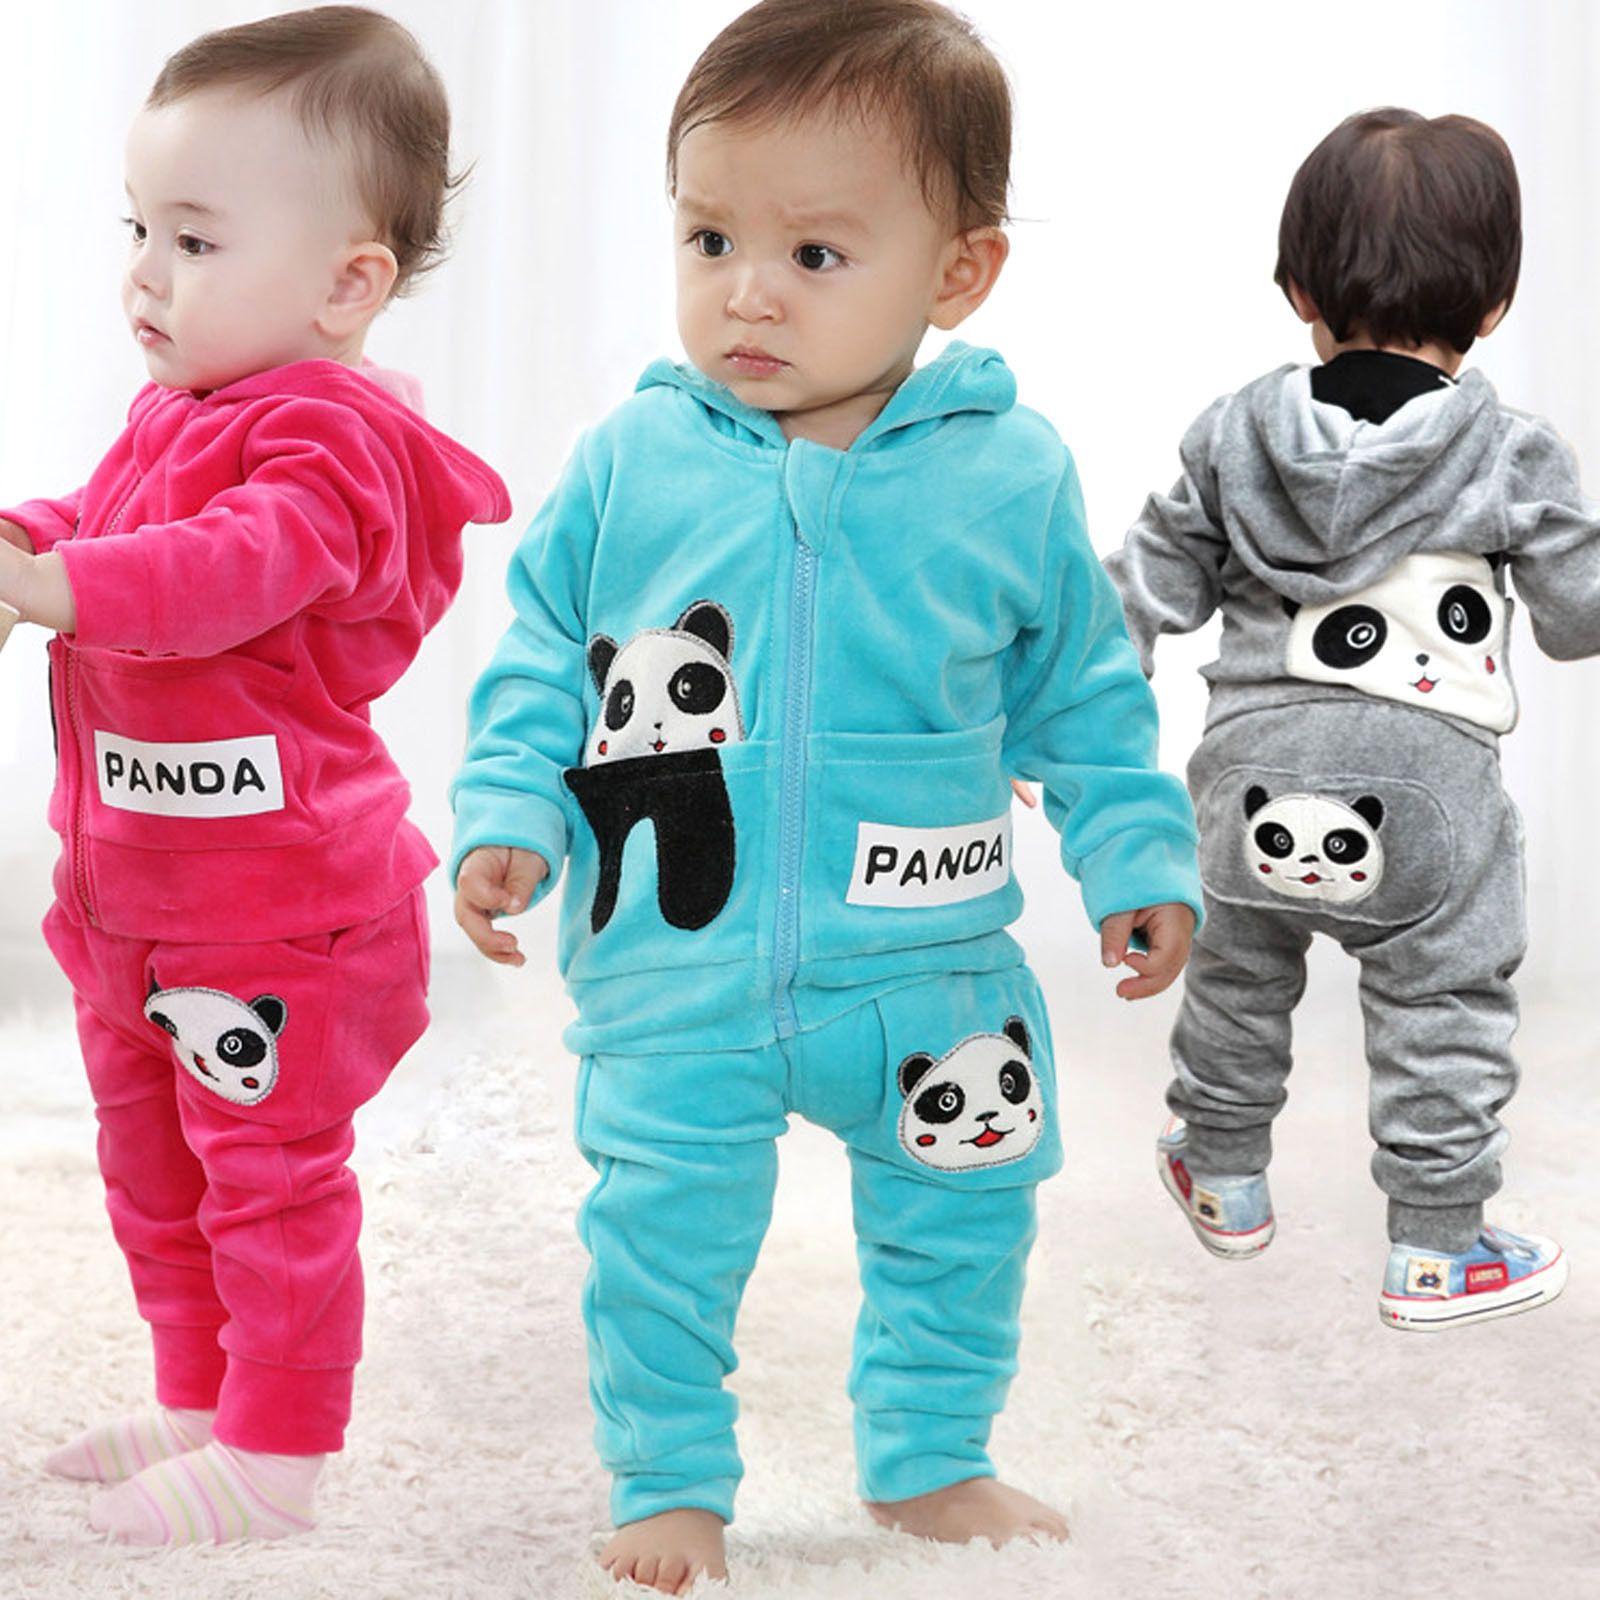 بالصور ازياء اطفال , اشيك ملبس للاطفال 1111 4